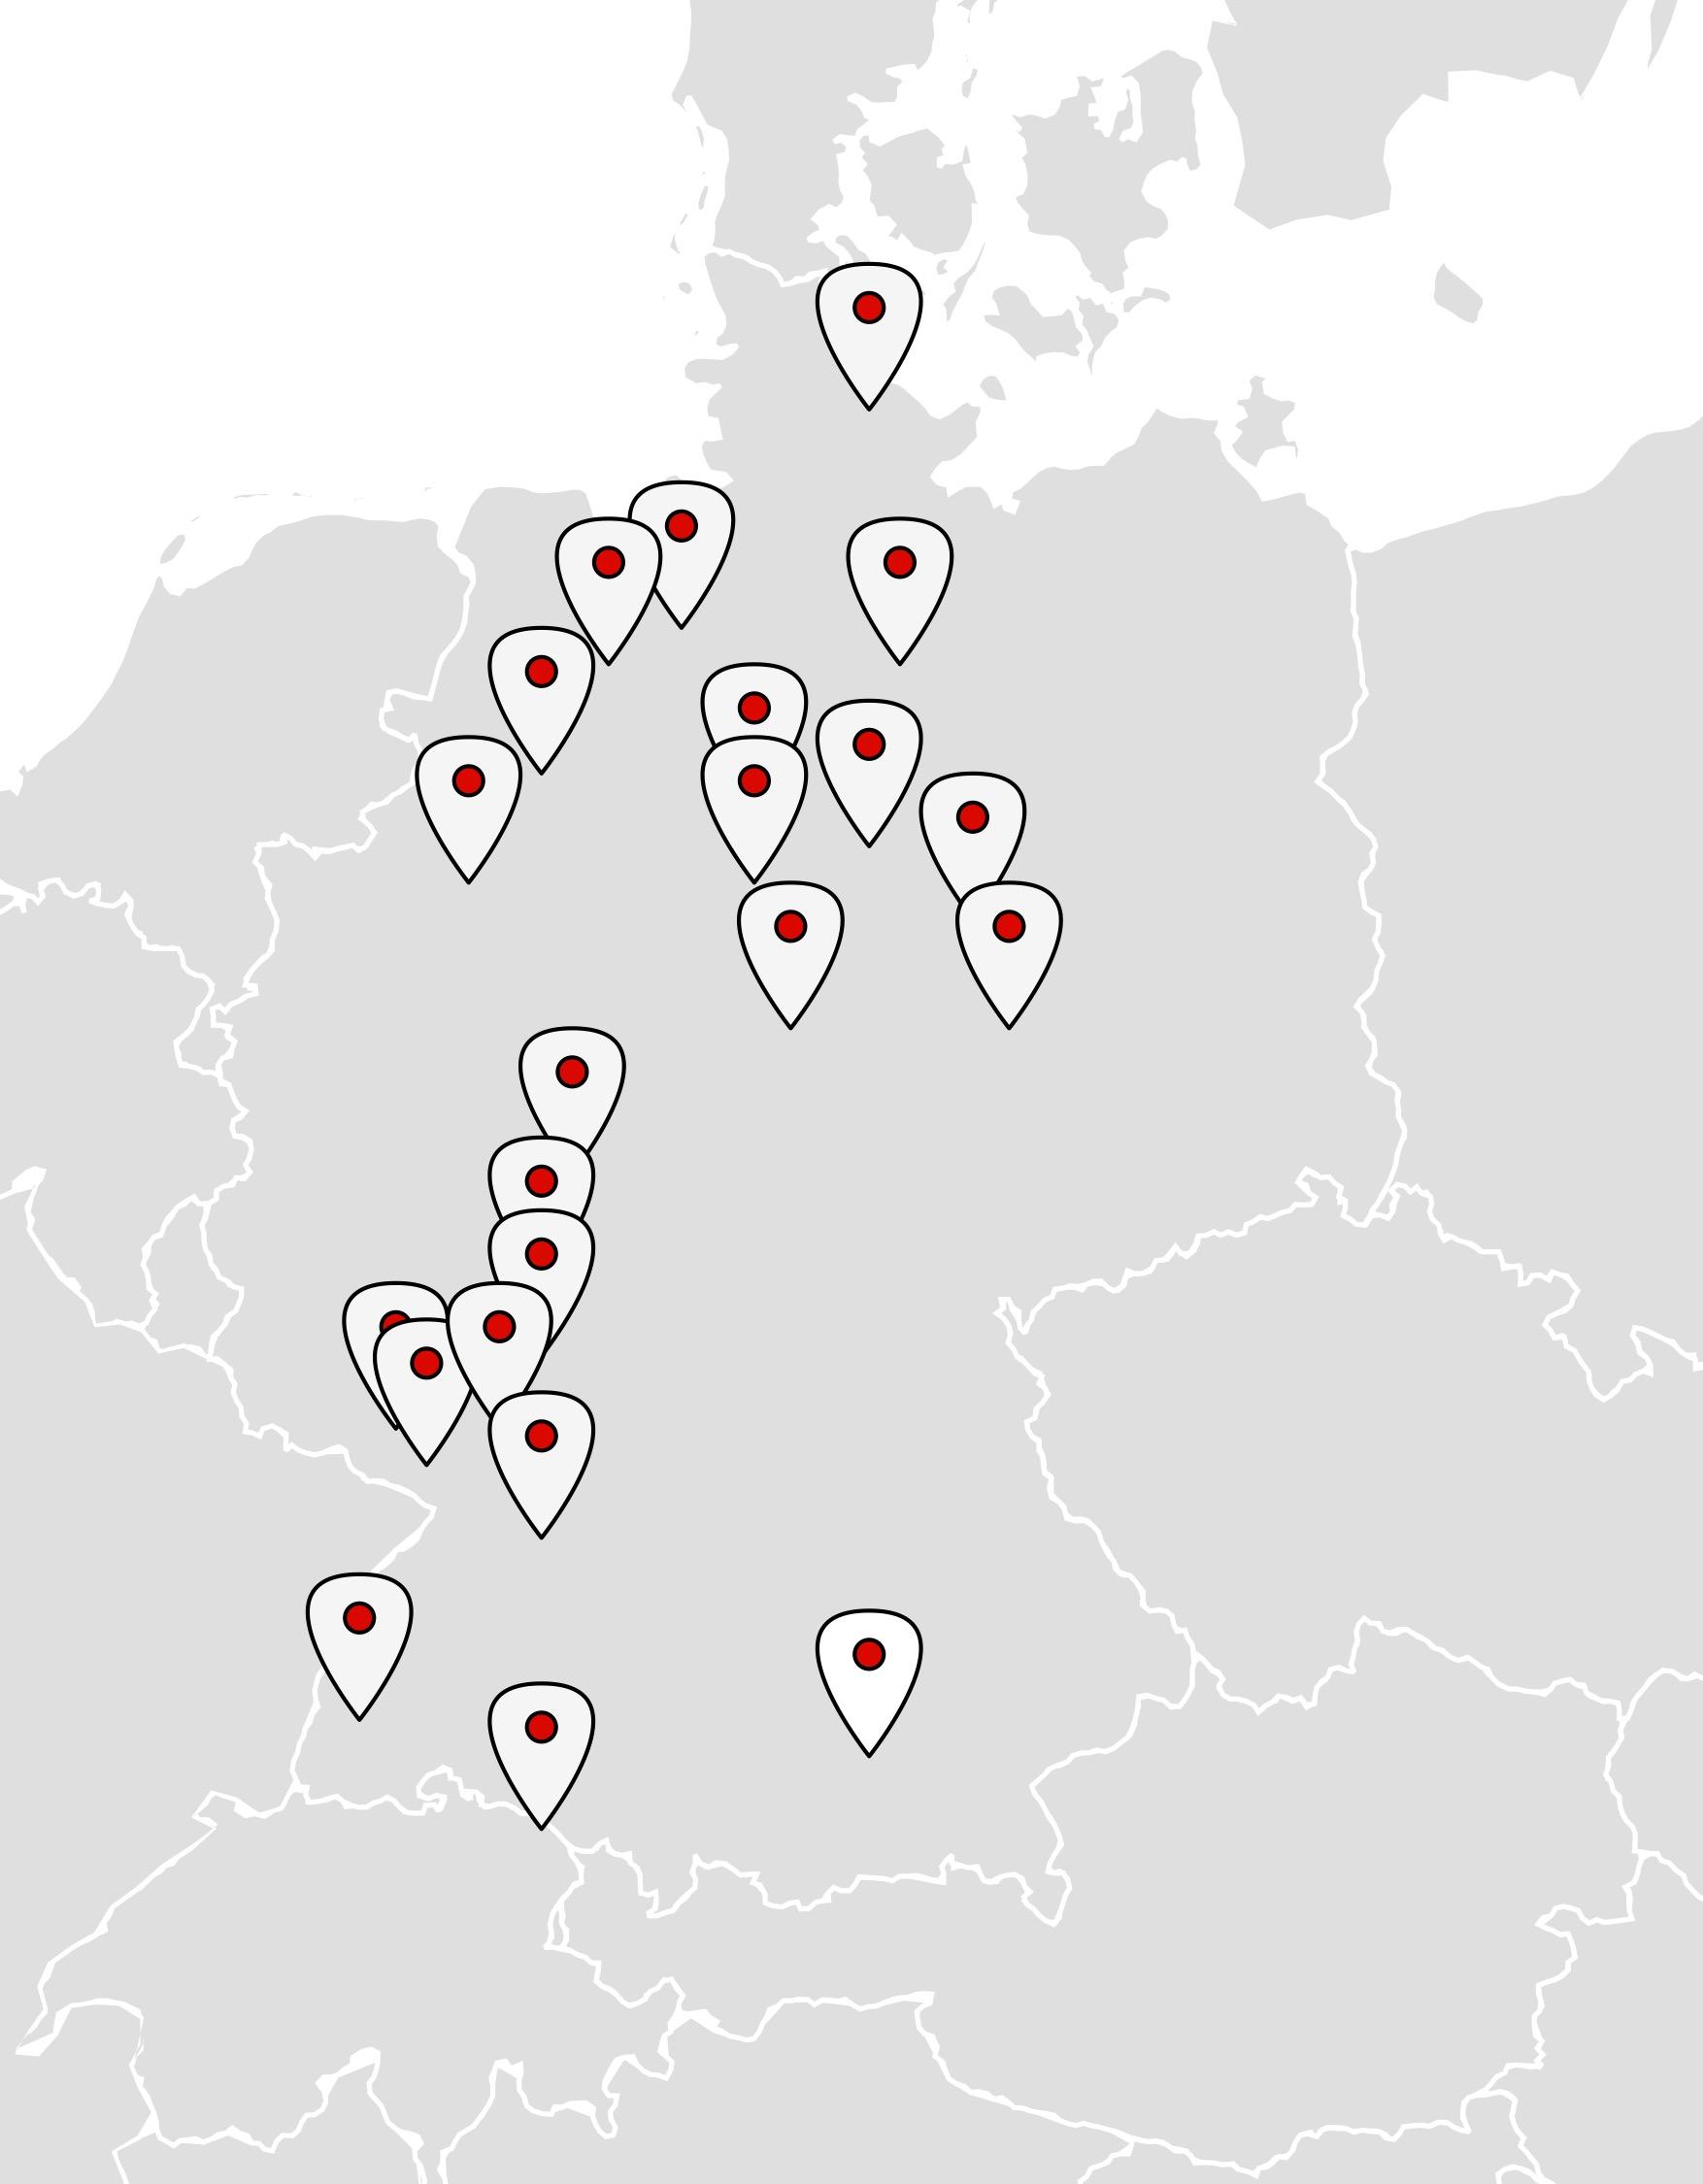 Landkarte mit Vortragenden